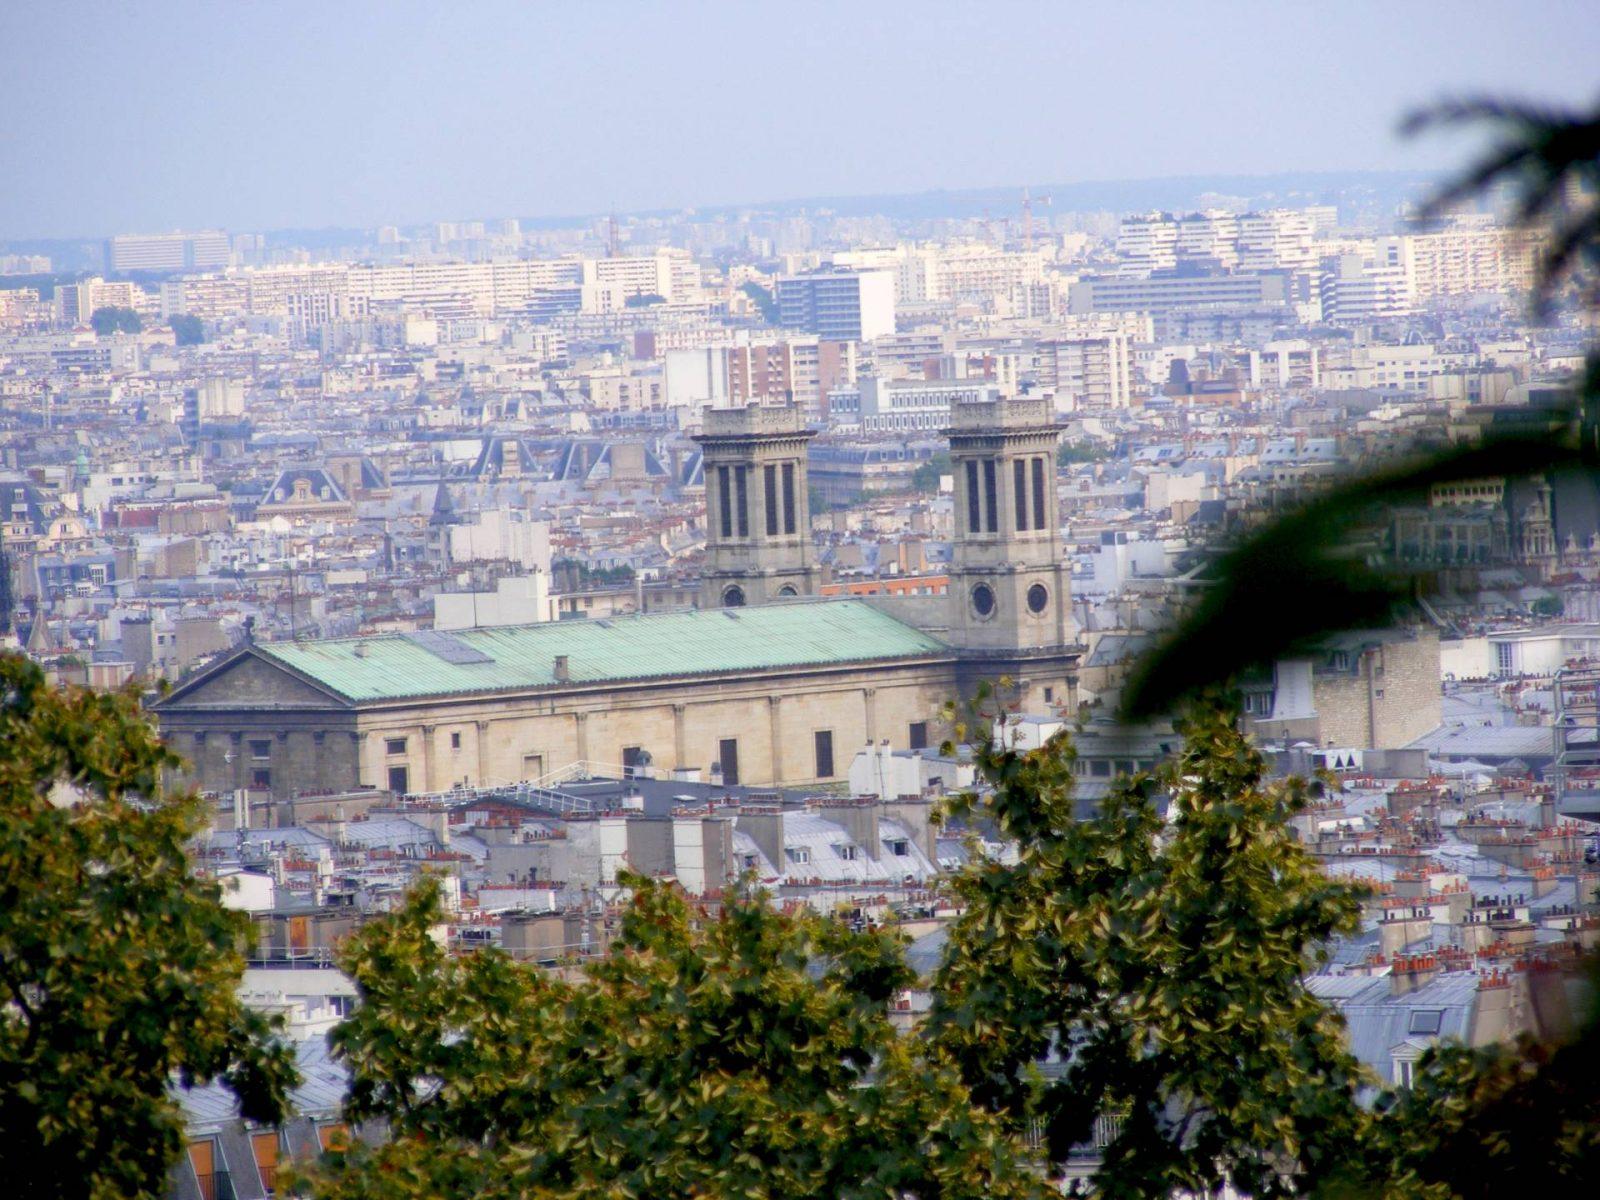 Paris Day 2 | Louvre and Sacre Coeur, Paris from Montmatre